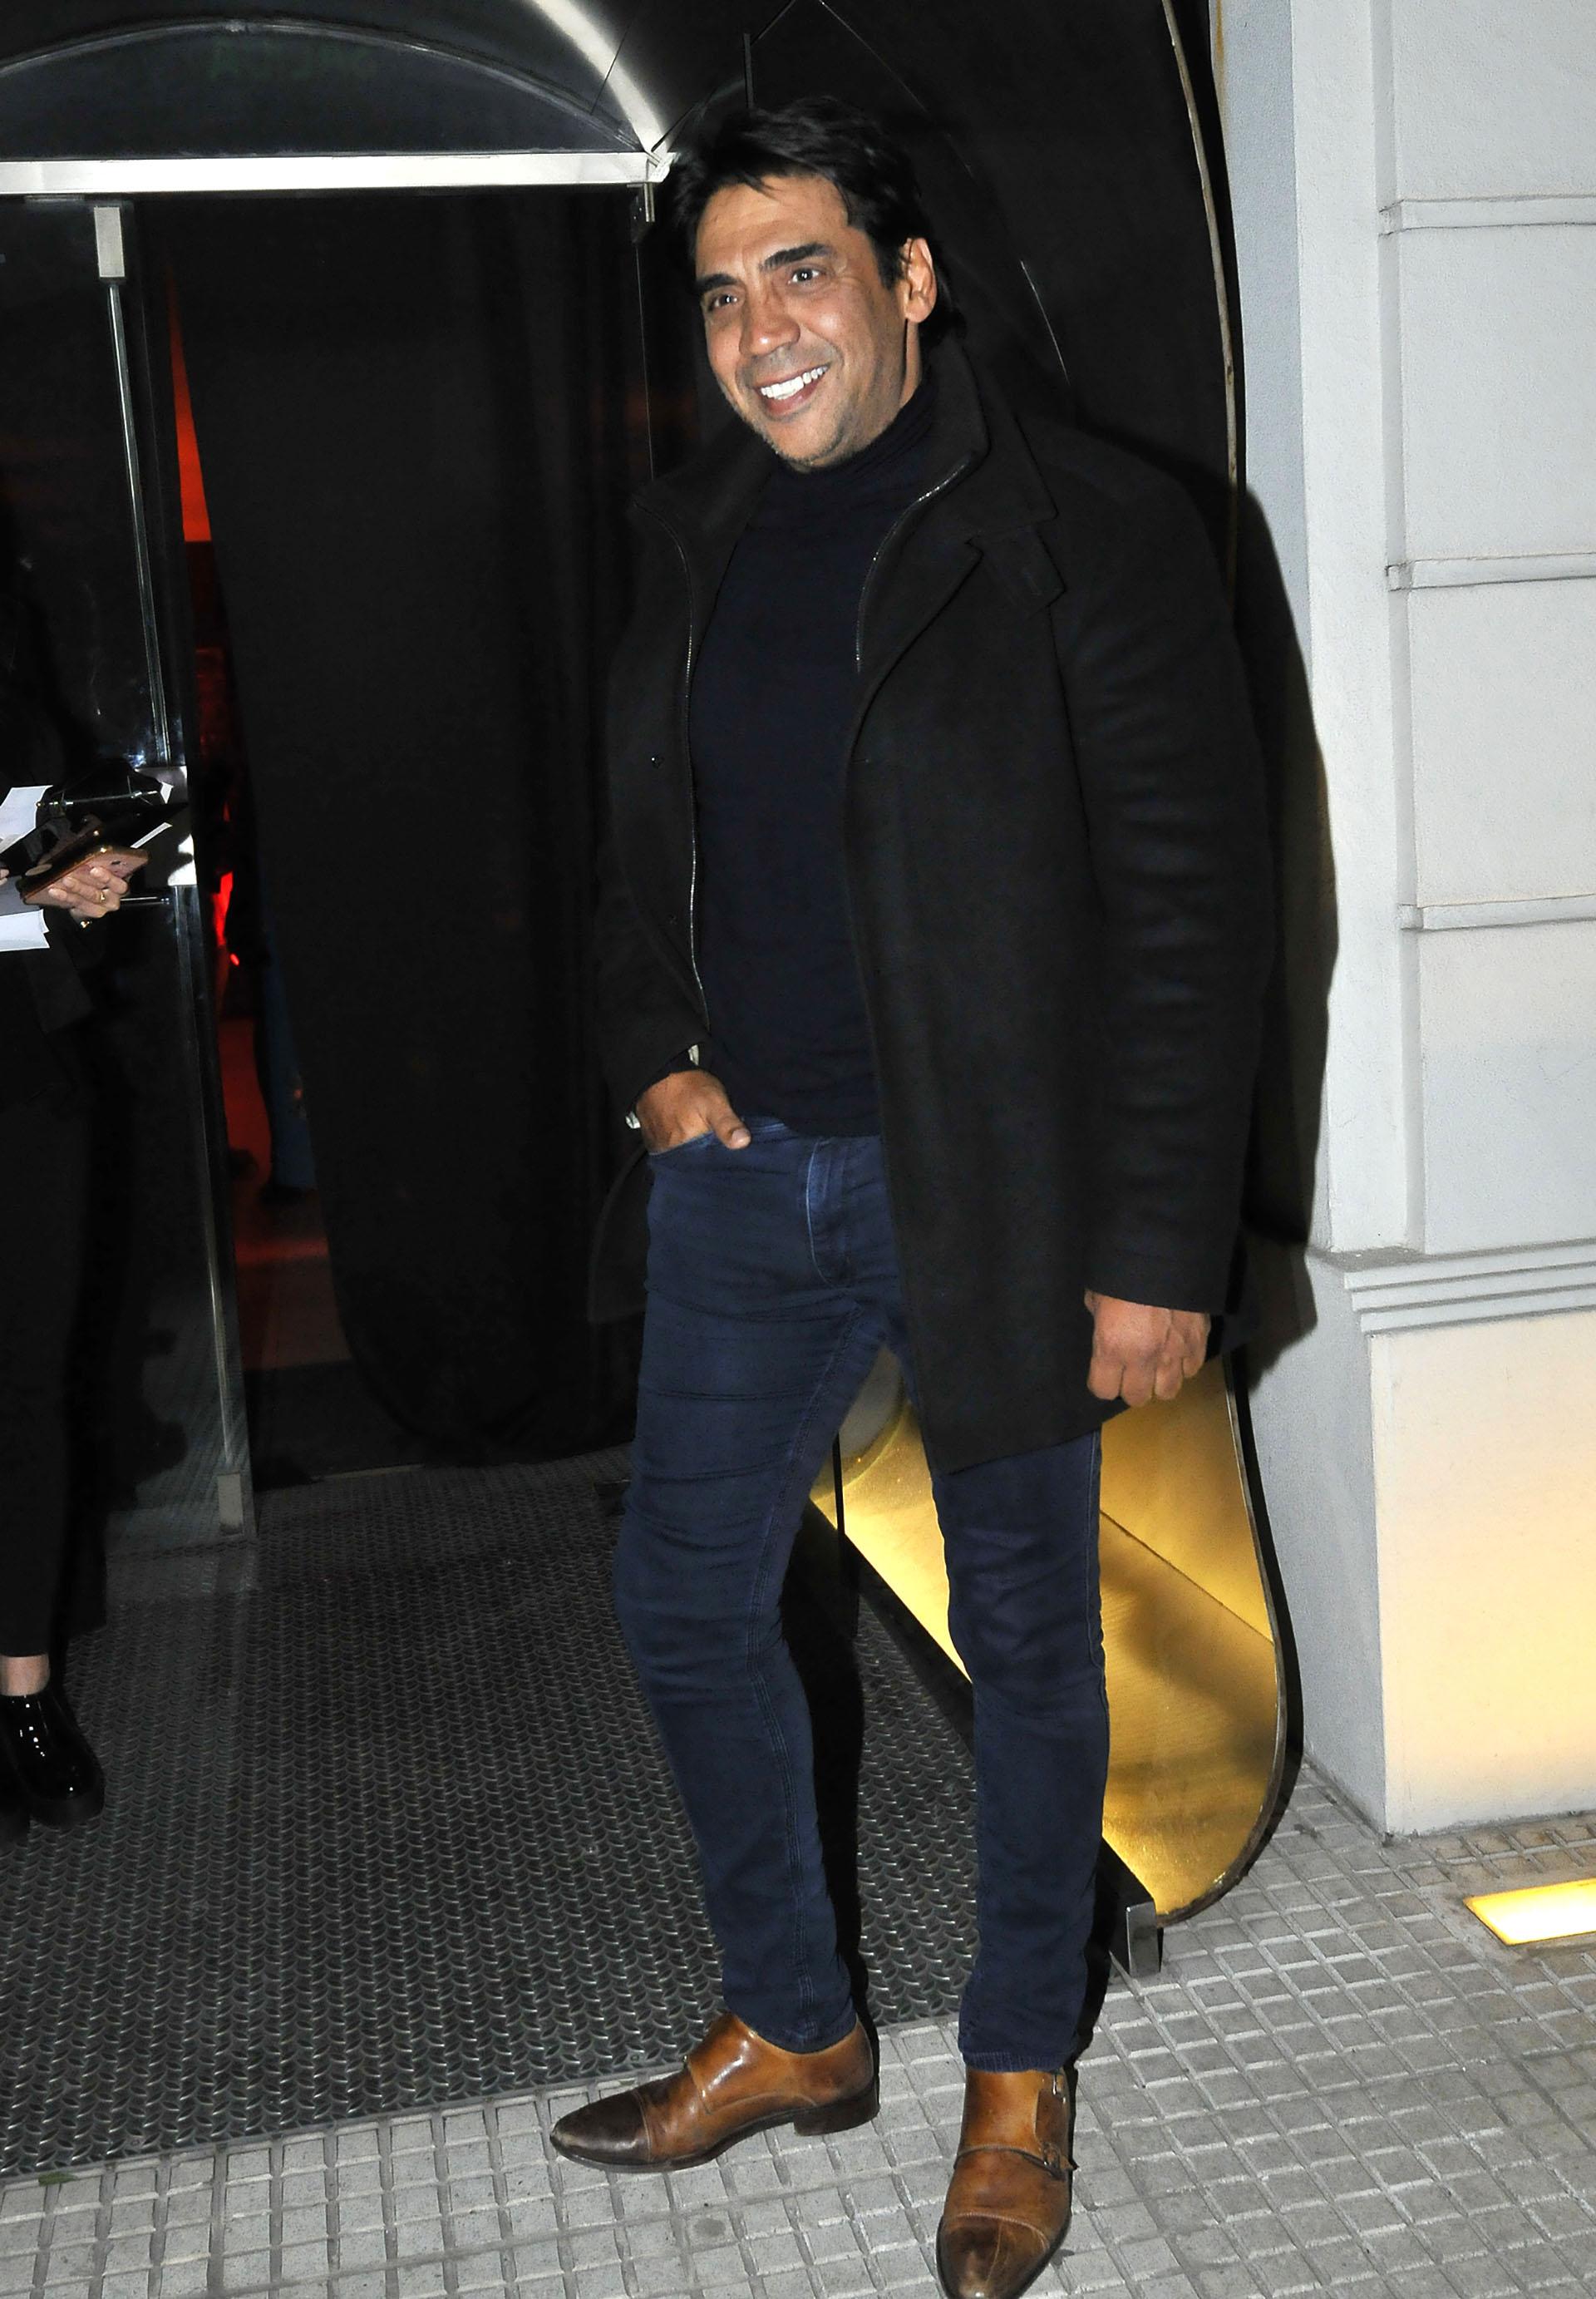 Coco Fernández estuvo presente en la fiesta que se realizó en Play Up, ubicado en el barrio de Palermo